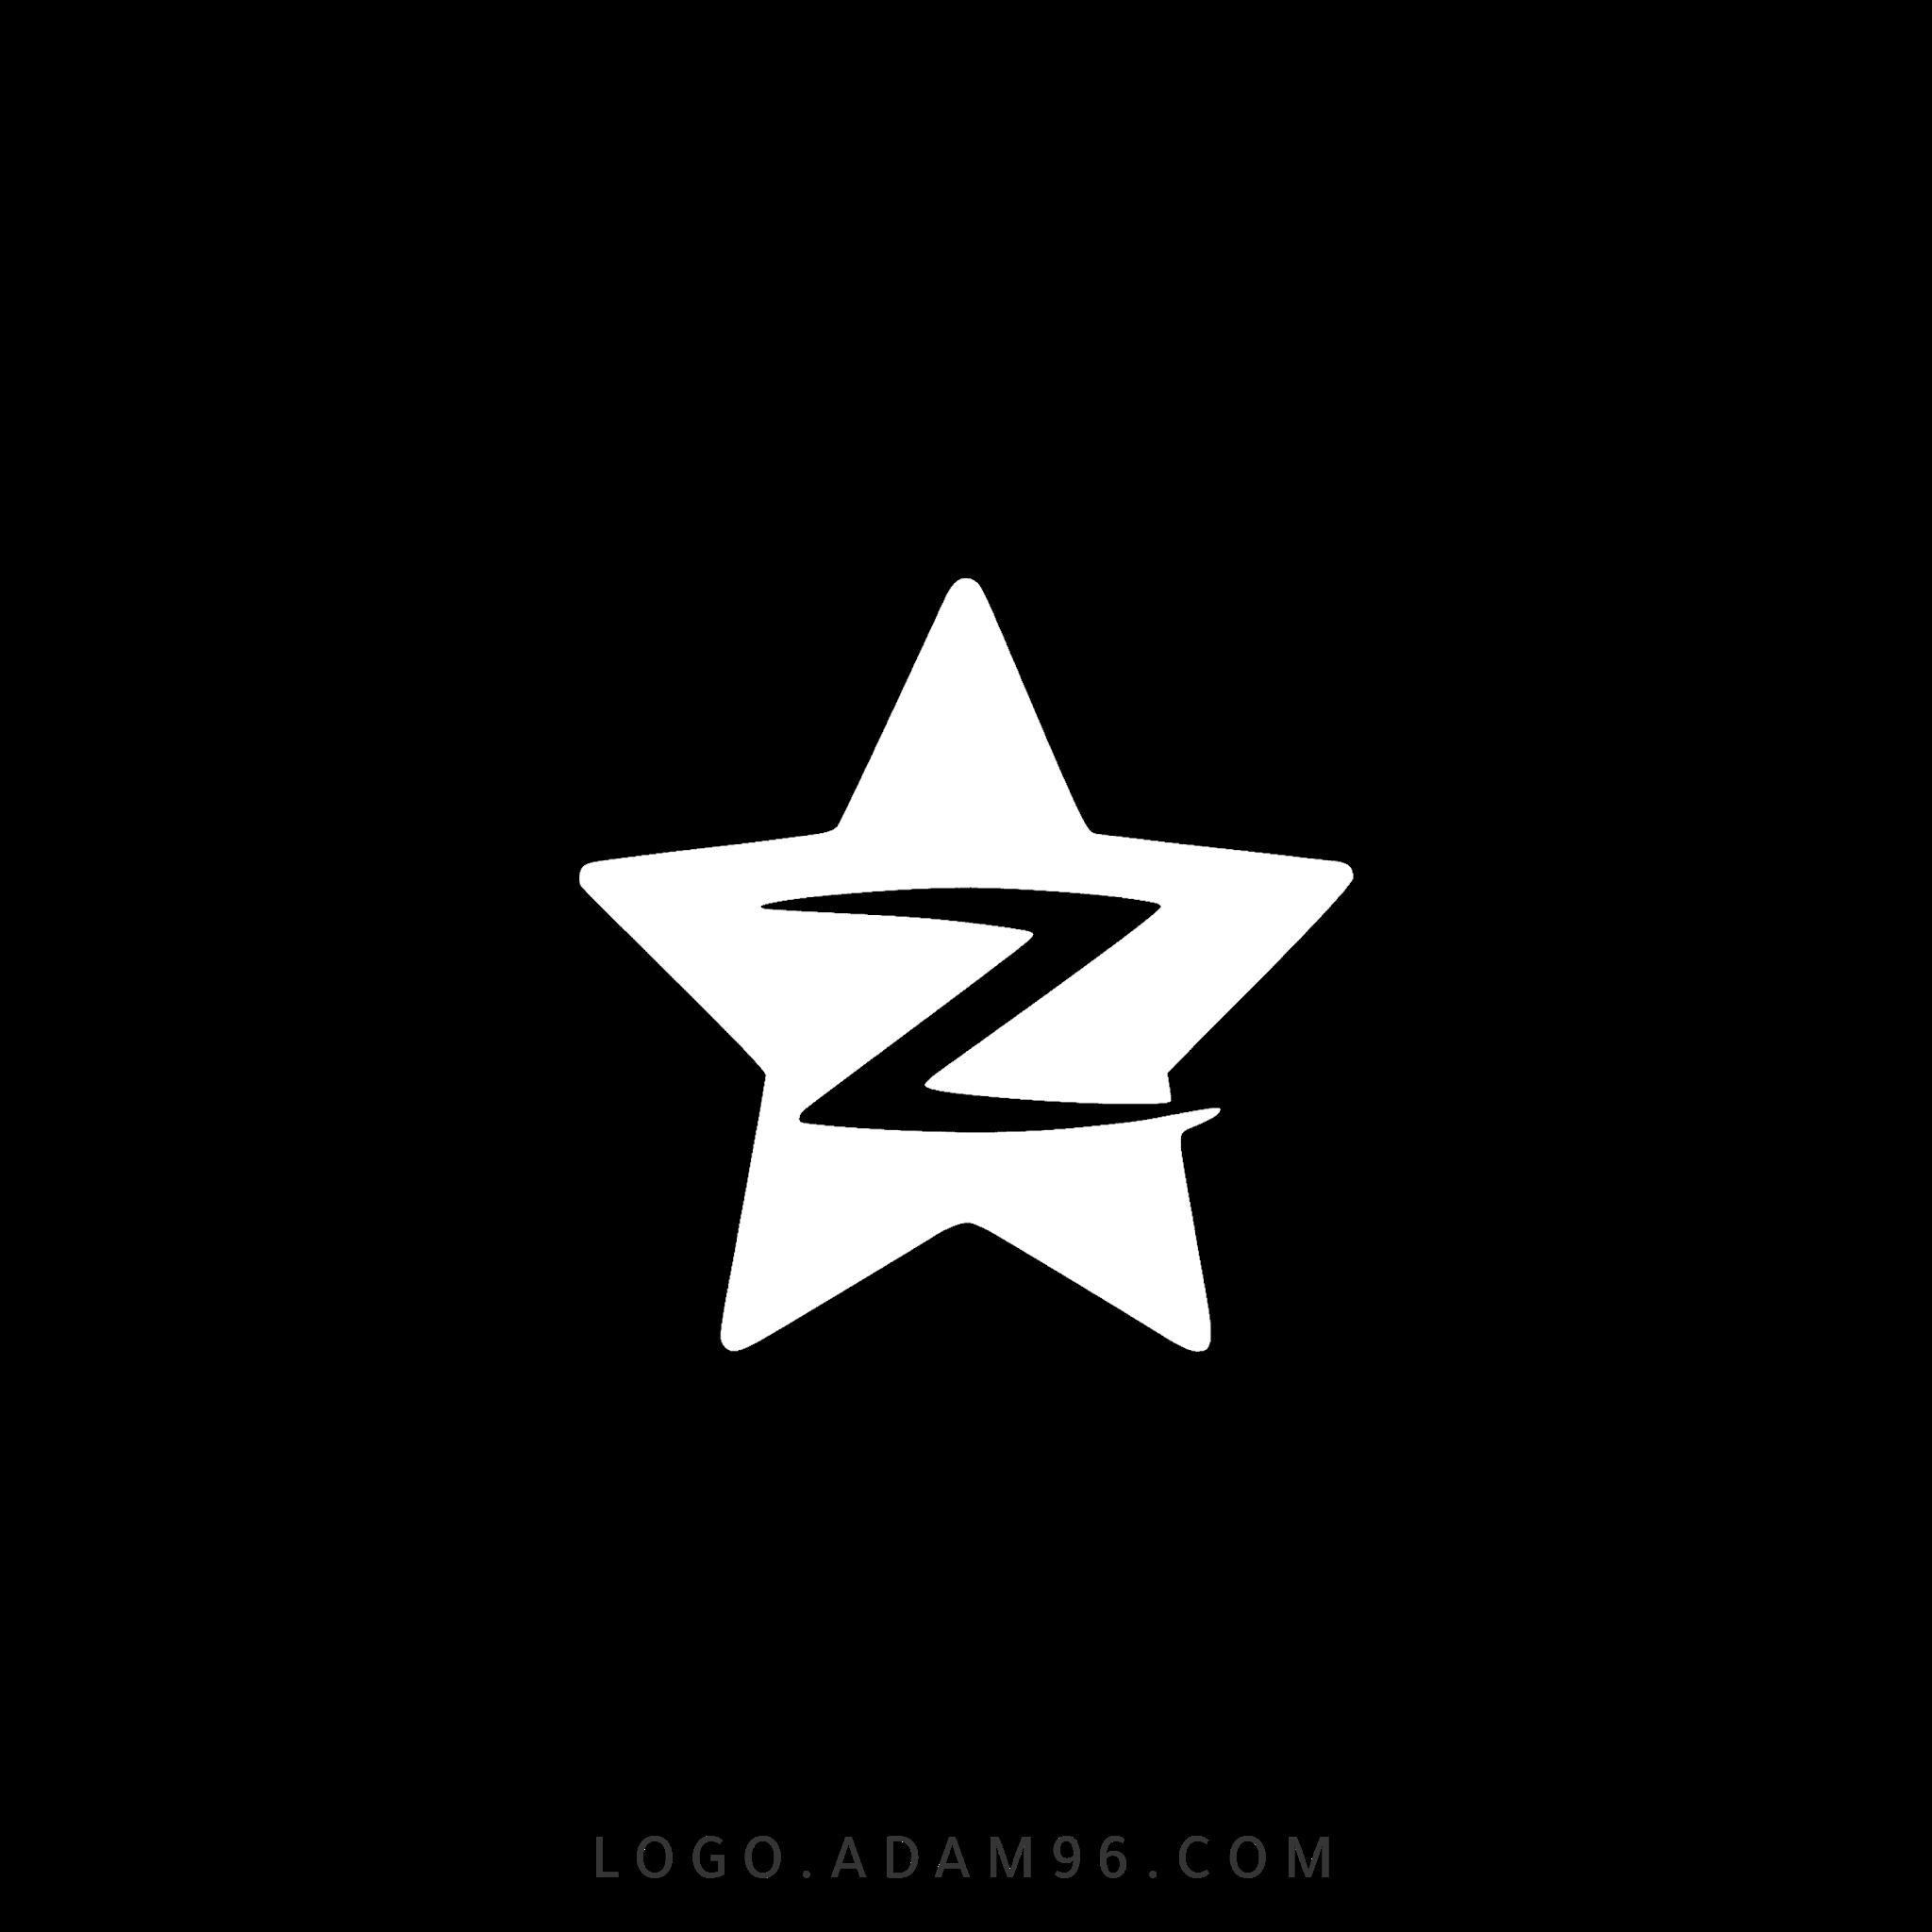 تحميل شعار تطبيق كيو زون الرسمي لوجو مربع بصيغة شفافة Logo Qzone PNG